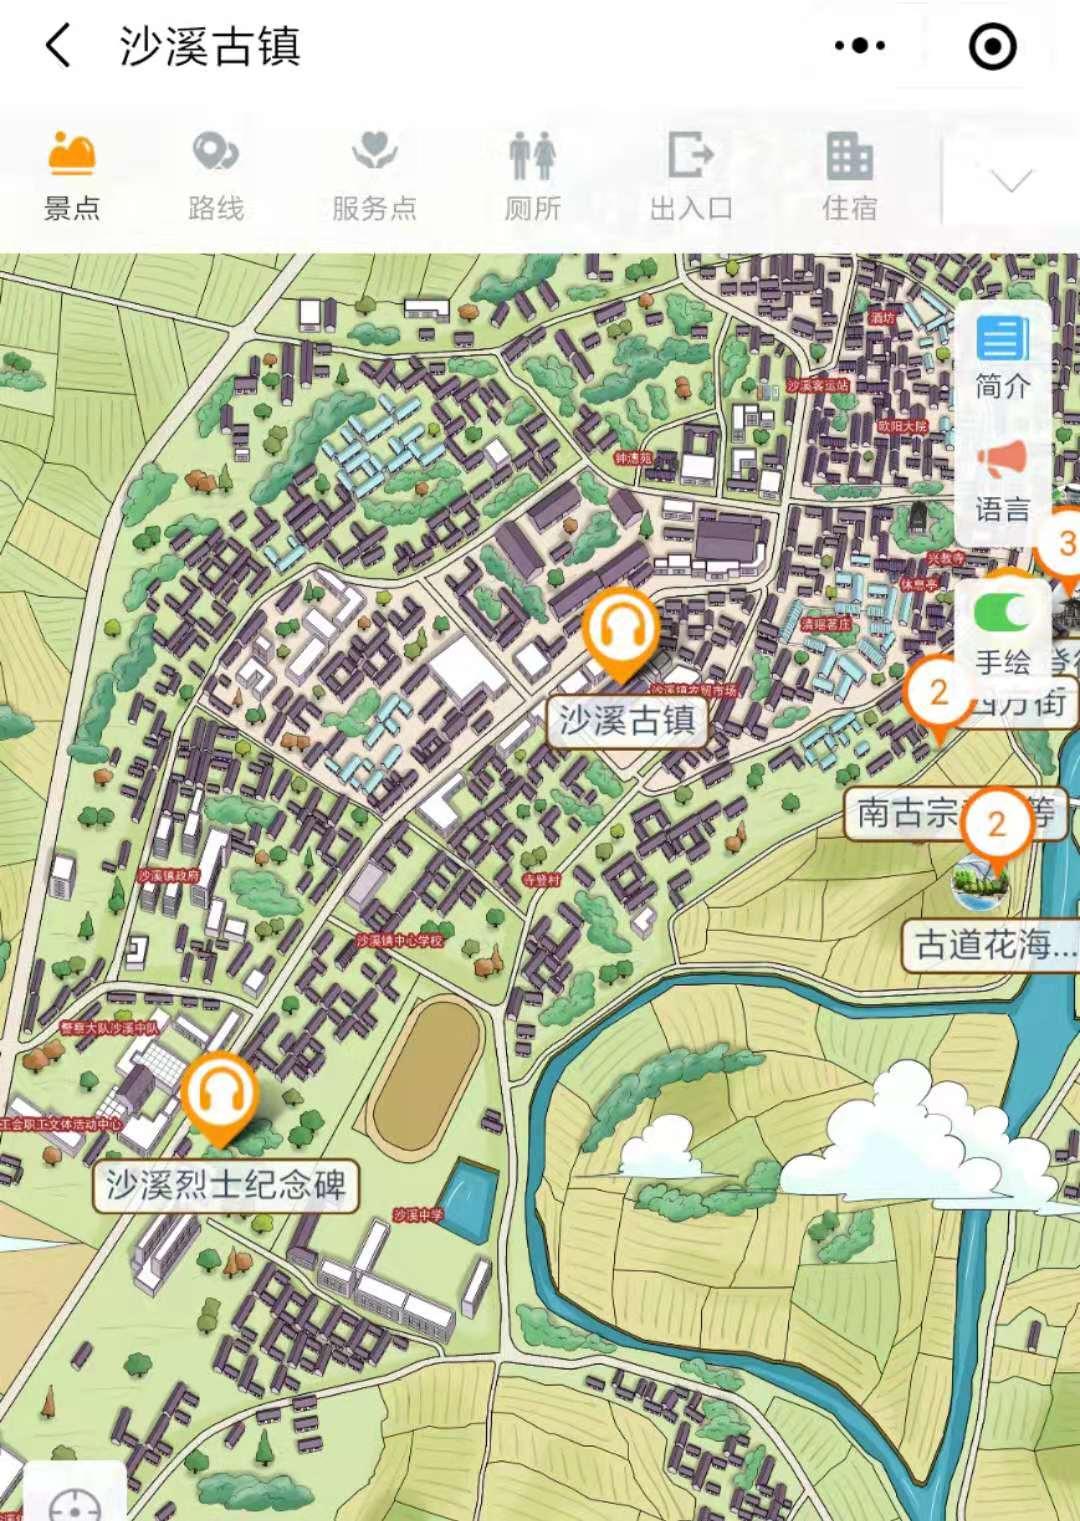 云南大理印象之沙溪古镇,手绘地图、语音讲解、电子导览等智能导览系统上线.jpg